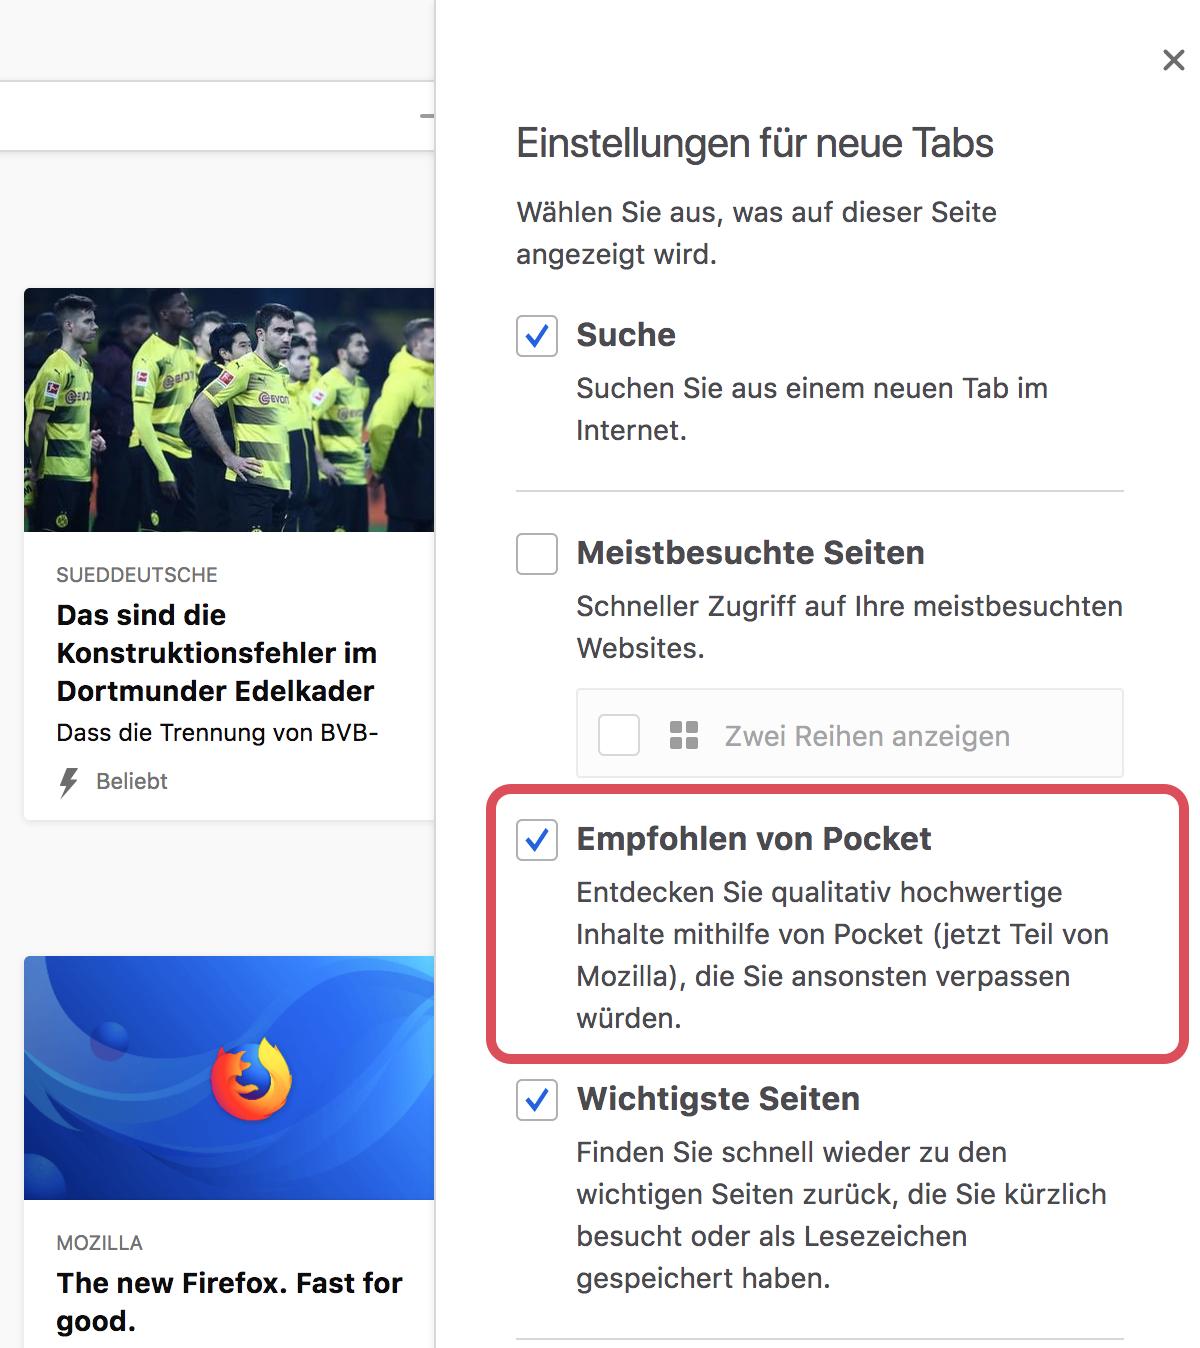 Häufig Gestellte Fragen Zu Pocket Empfehlungen In Firefox Pocket